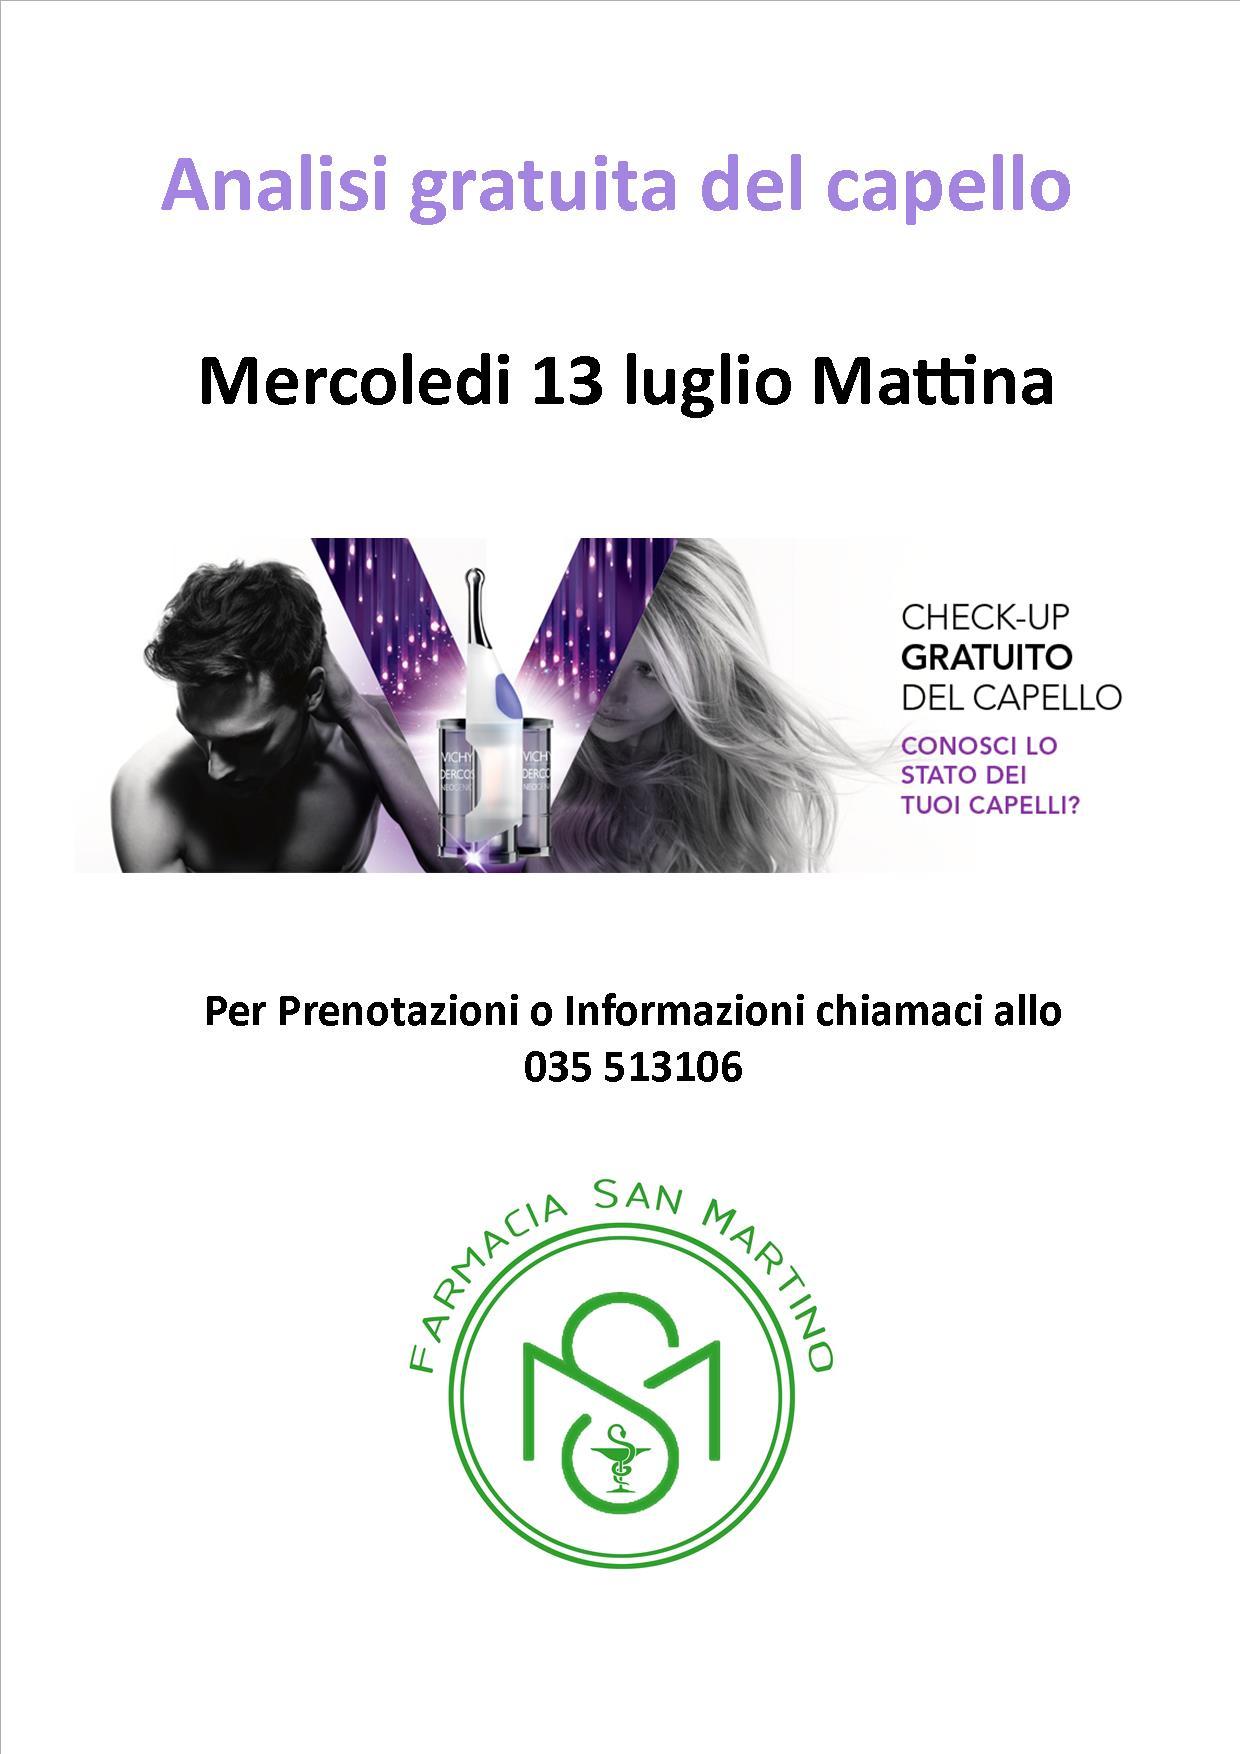 2016_07_04_analisi_gratuita_capello_web